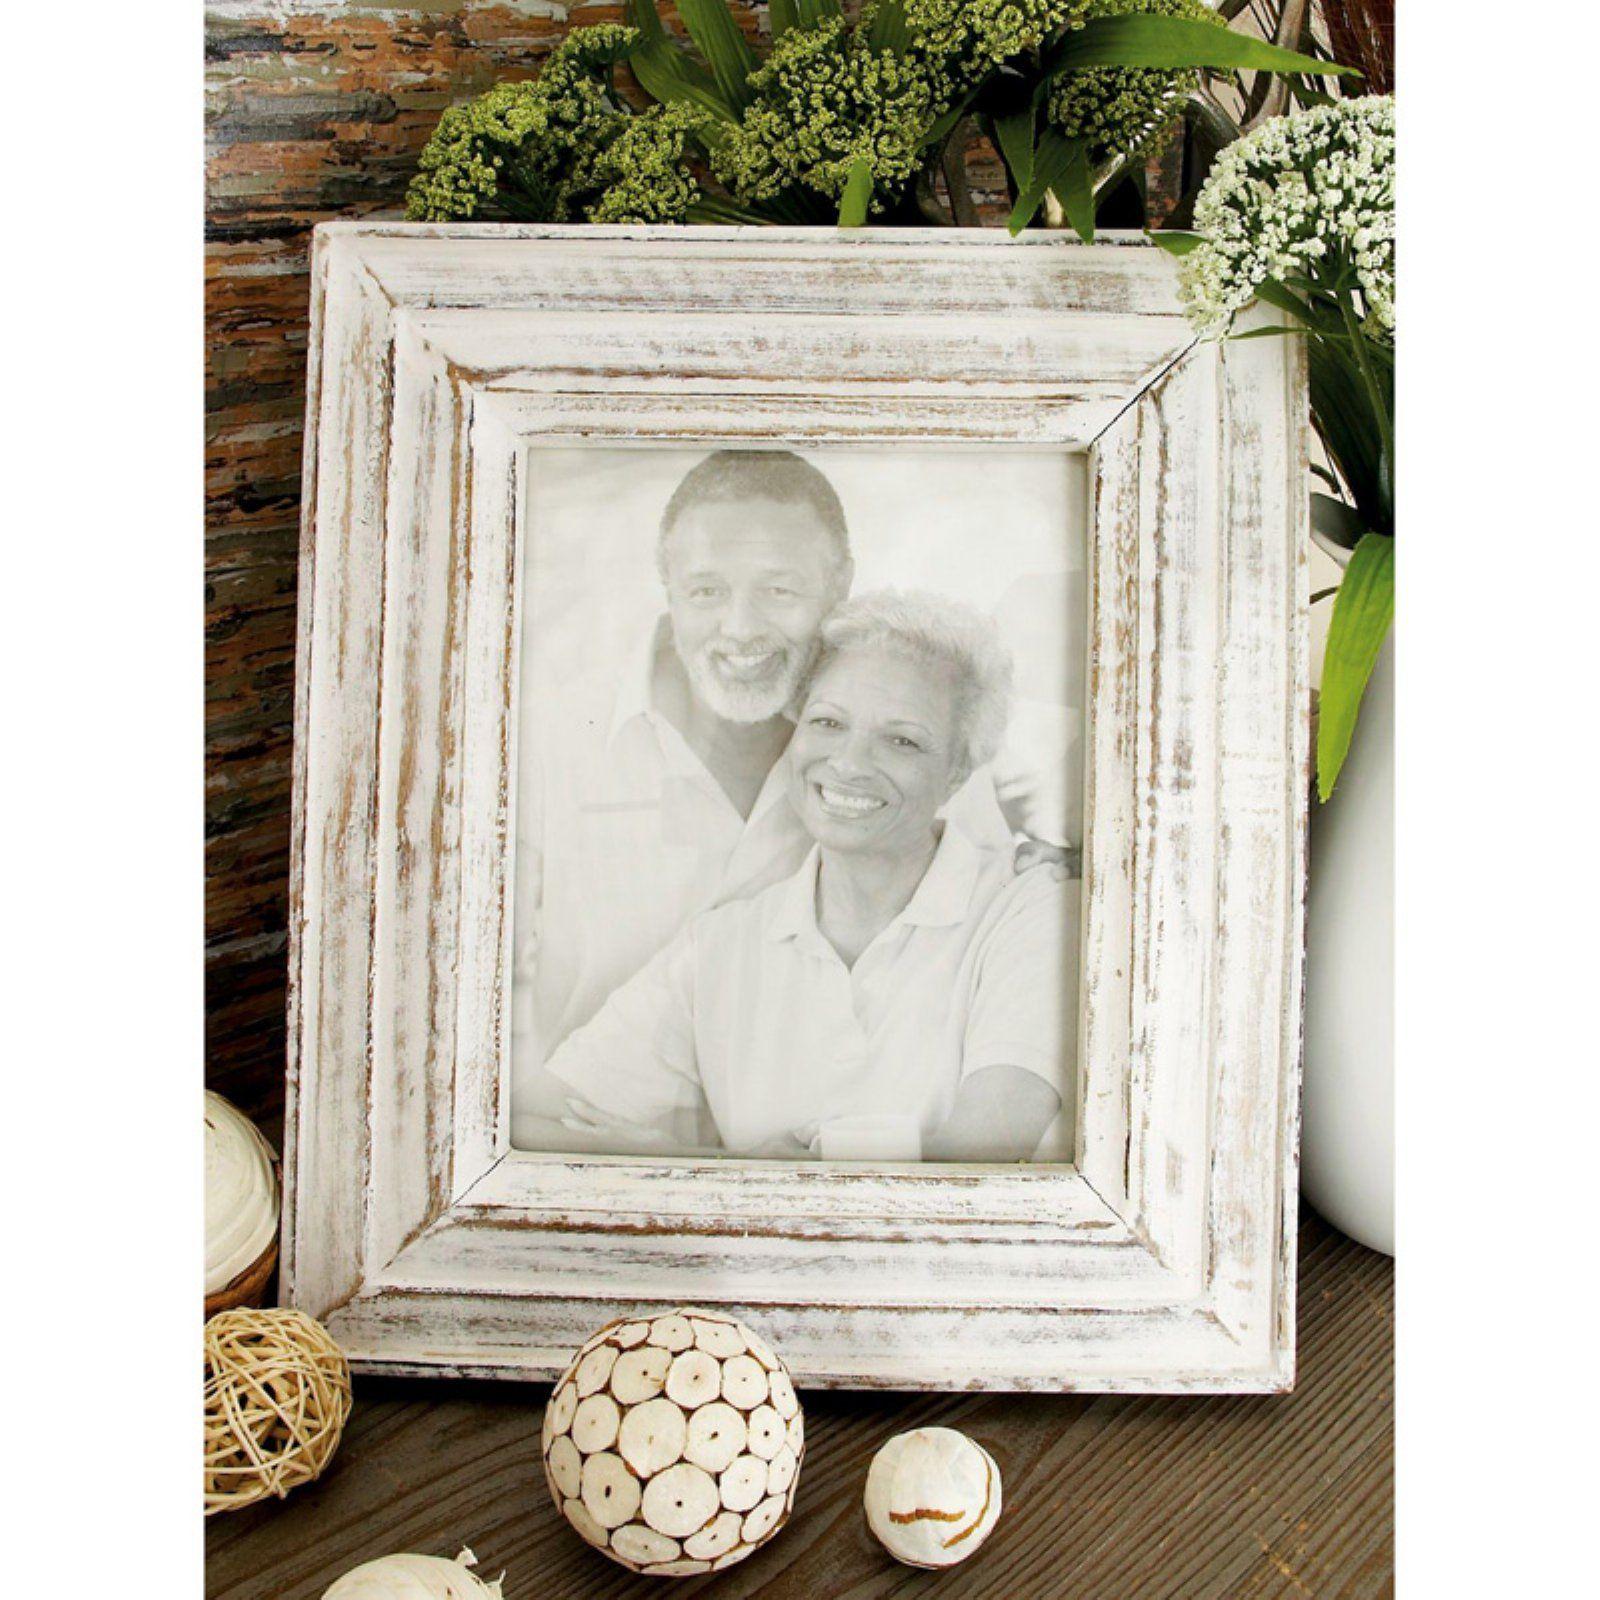 Decmode Oak And Whitewash Wood Photo Frame Set Of 2 Size 8 X